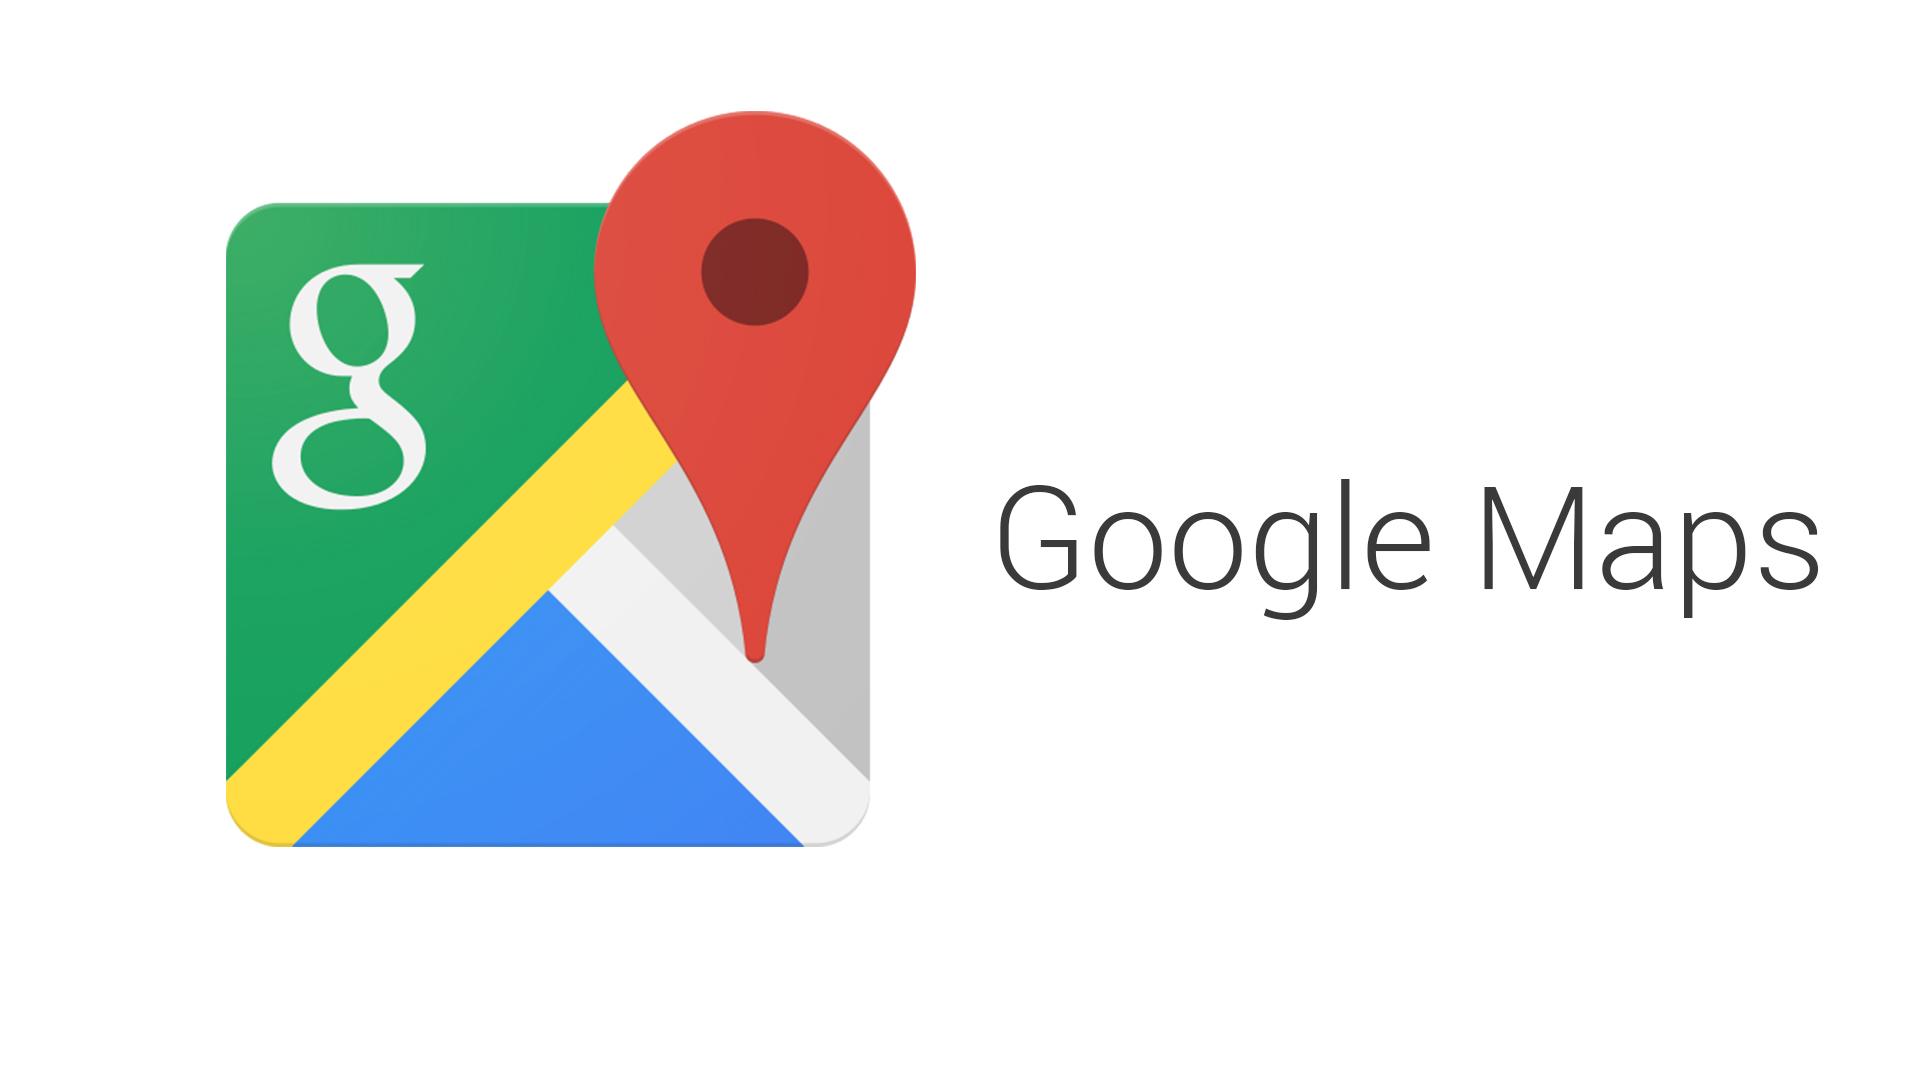 Карты Google могут быть капризными. Пользователи жалуются на ряд ошибок